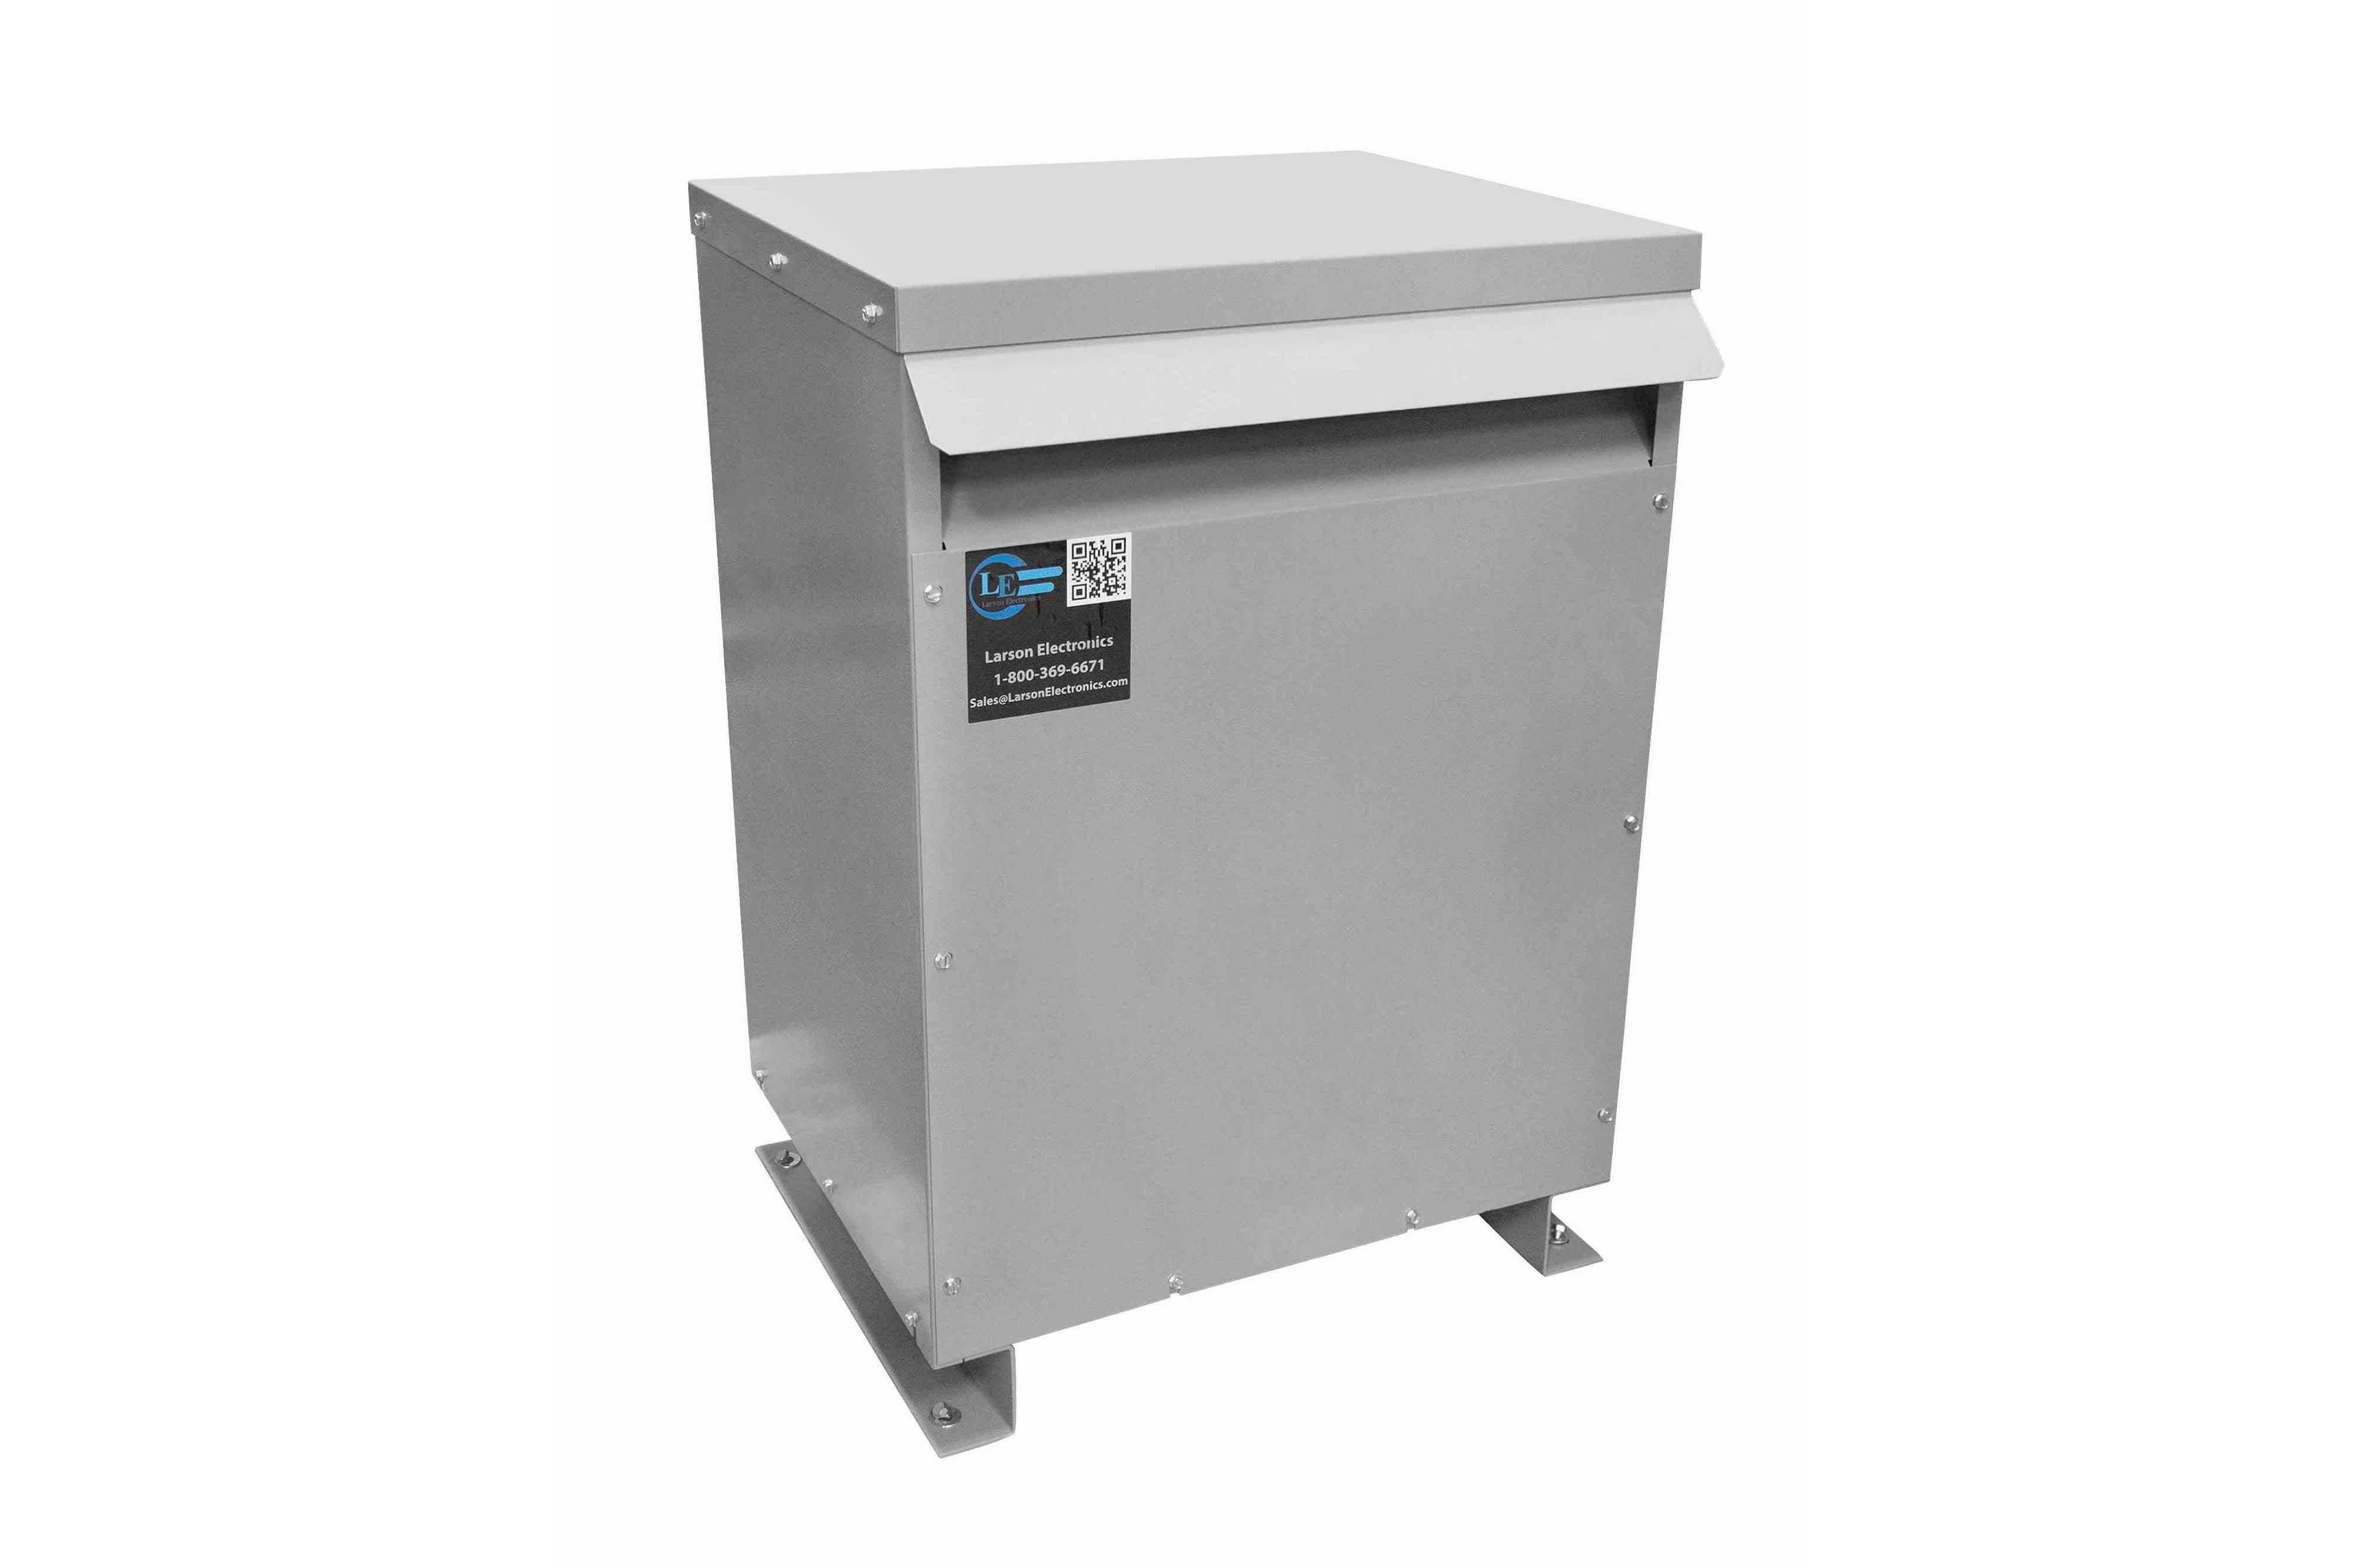 29 kVA 3PH Isolation Transformer, 240V Delta Primary, 480V Delta Secondary, N3R, Ventilated, 60 Hz